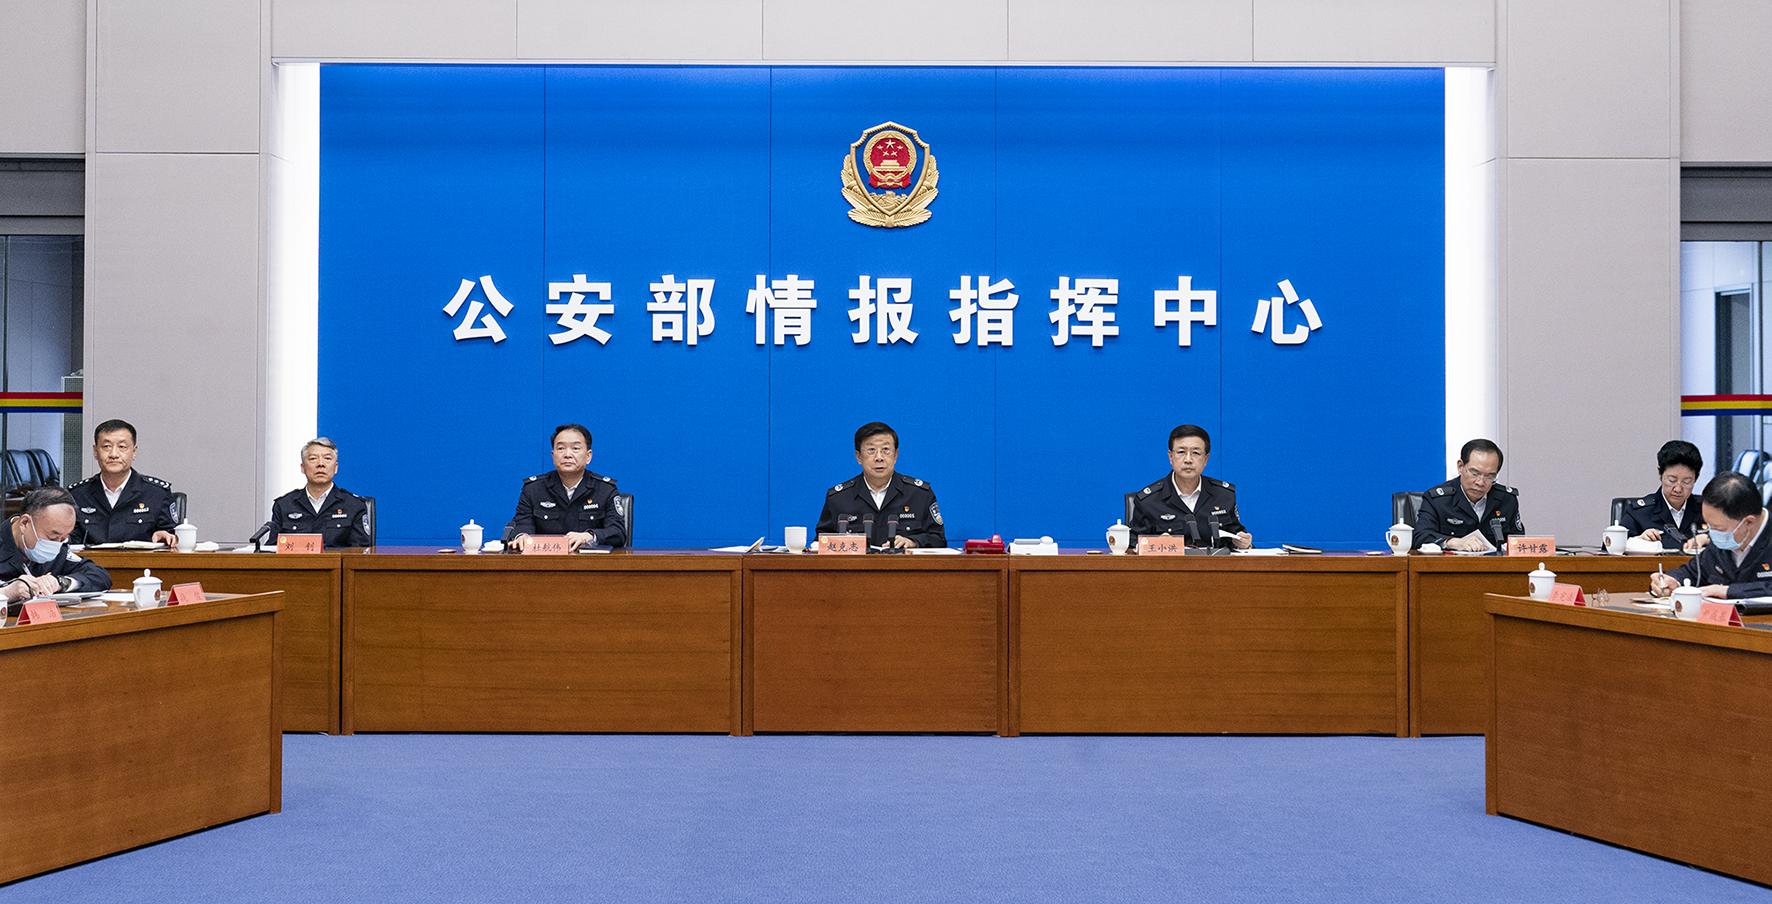 赵克志强调 全力以赴做好维护安全稳定各项工作 为庆祝建党100周年创造安全稳定环境